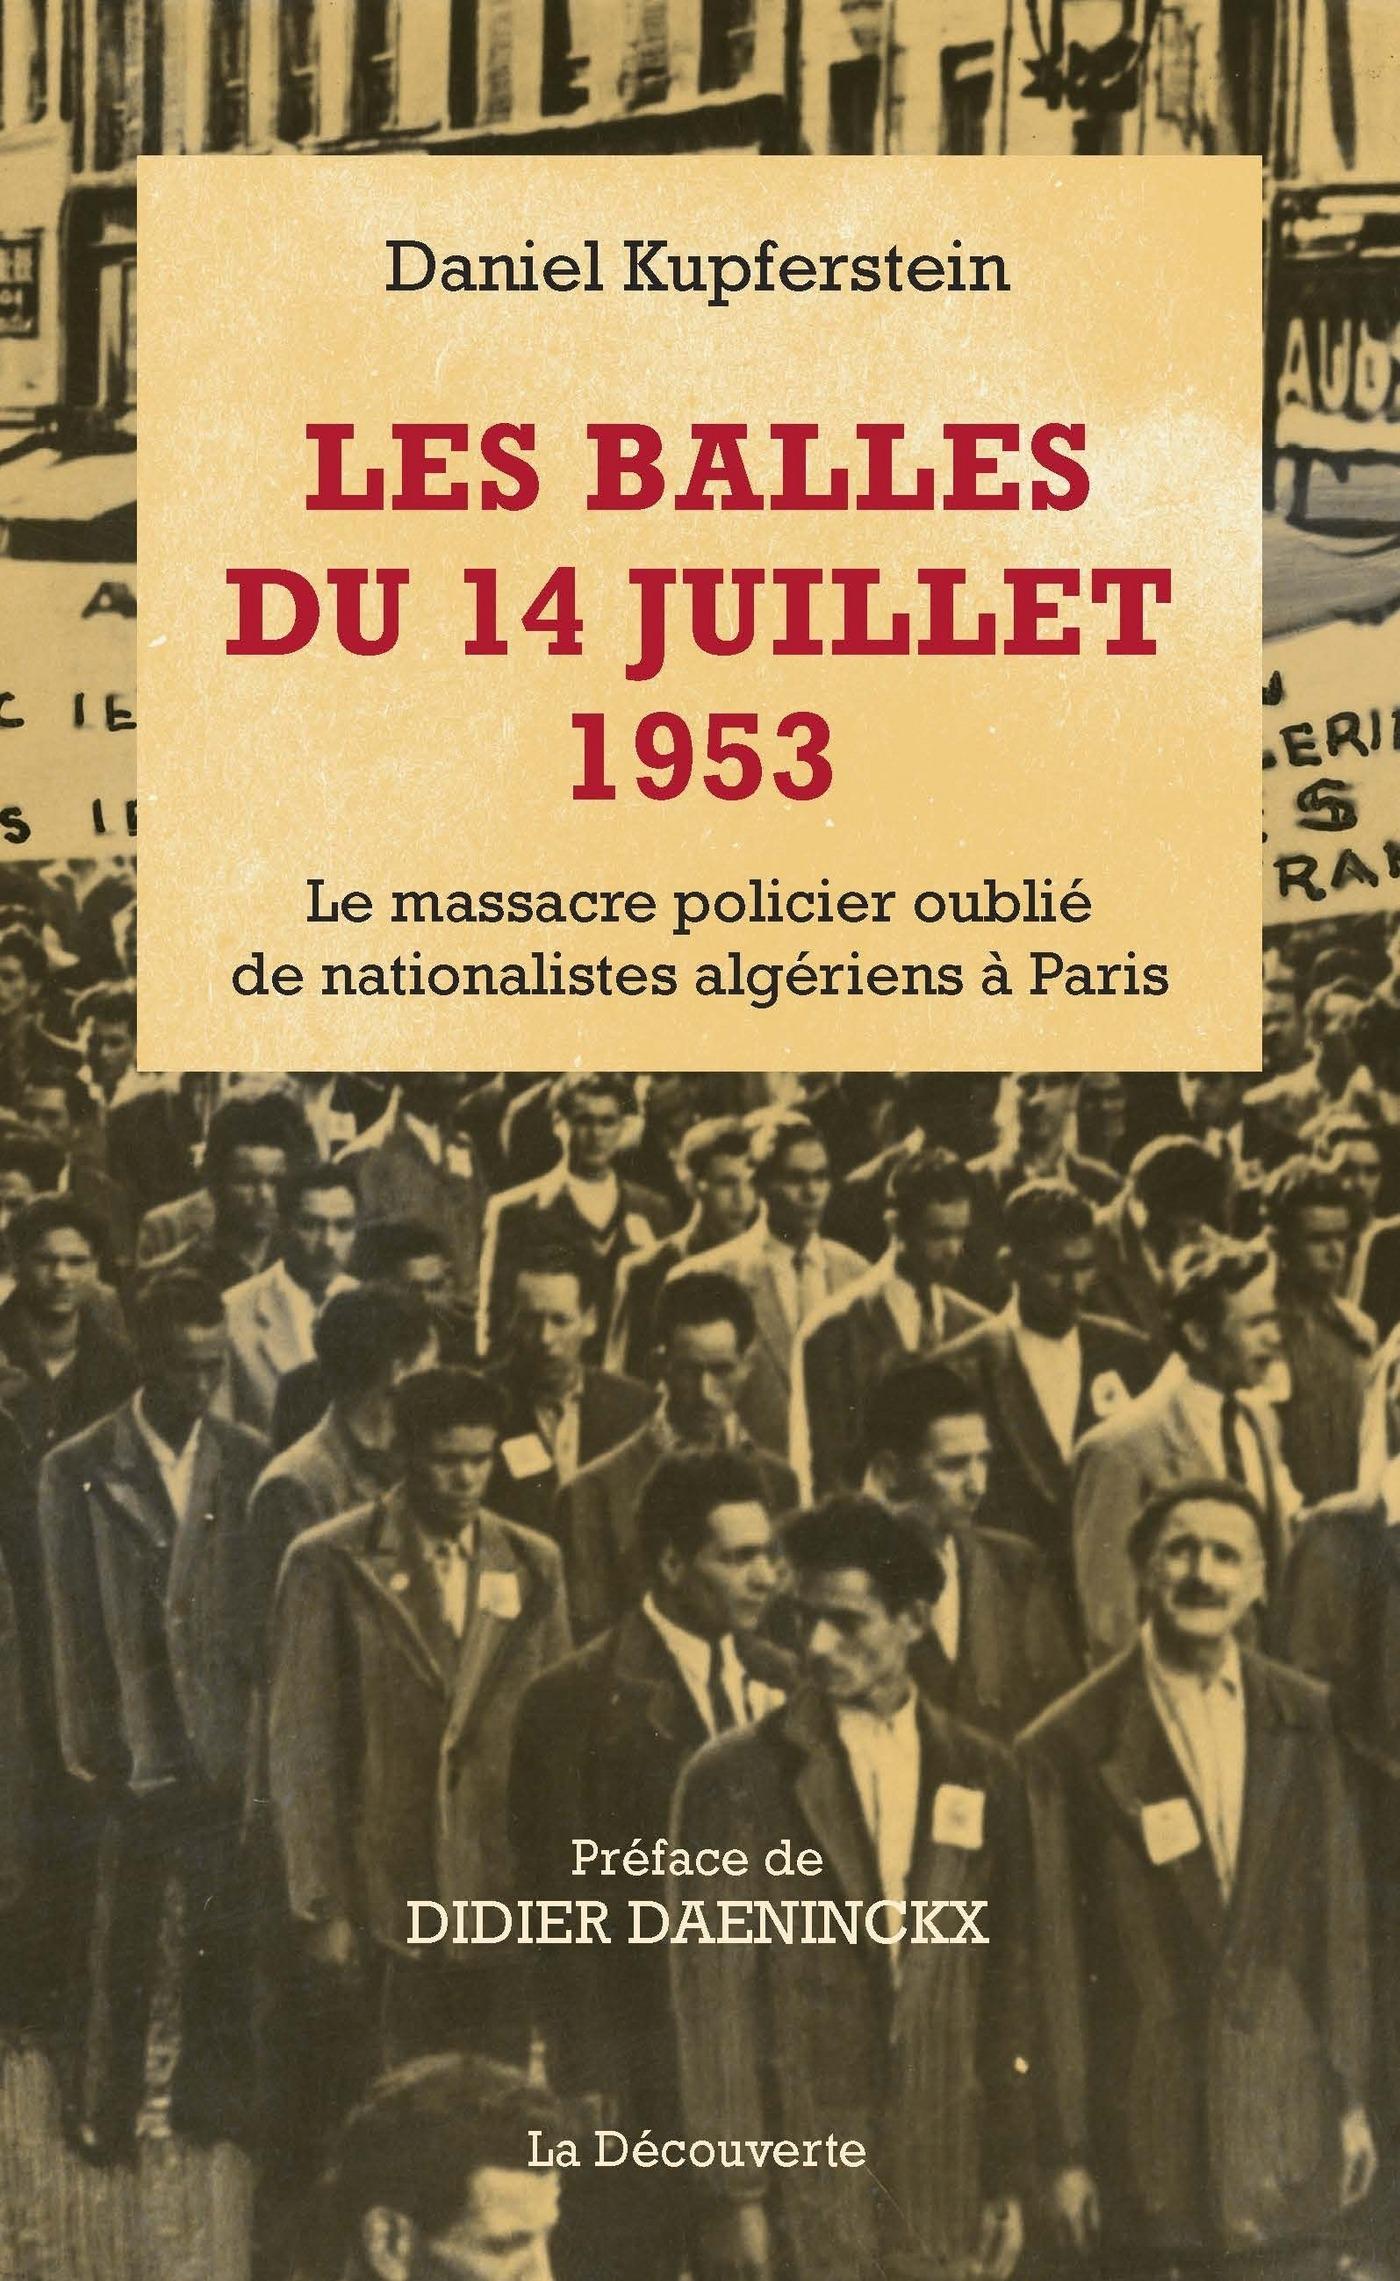 Les balles du 14 juillet 1953